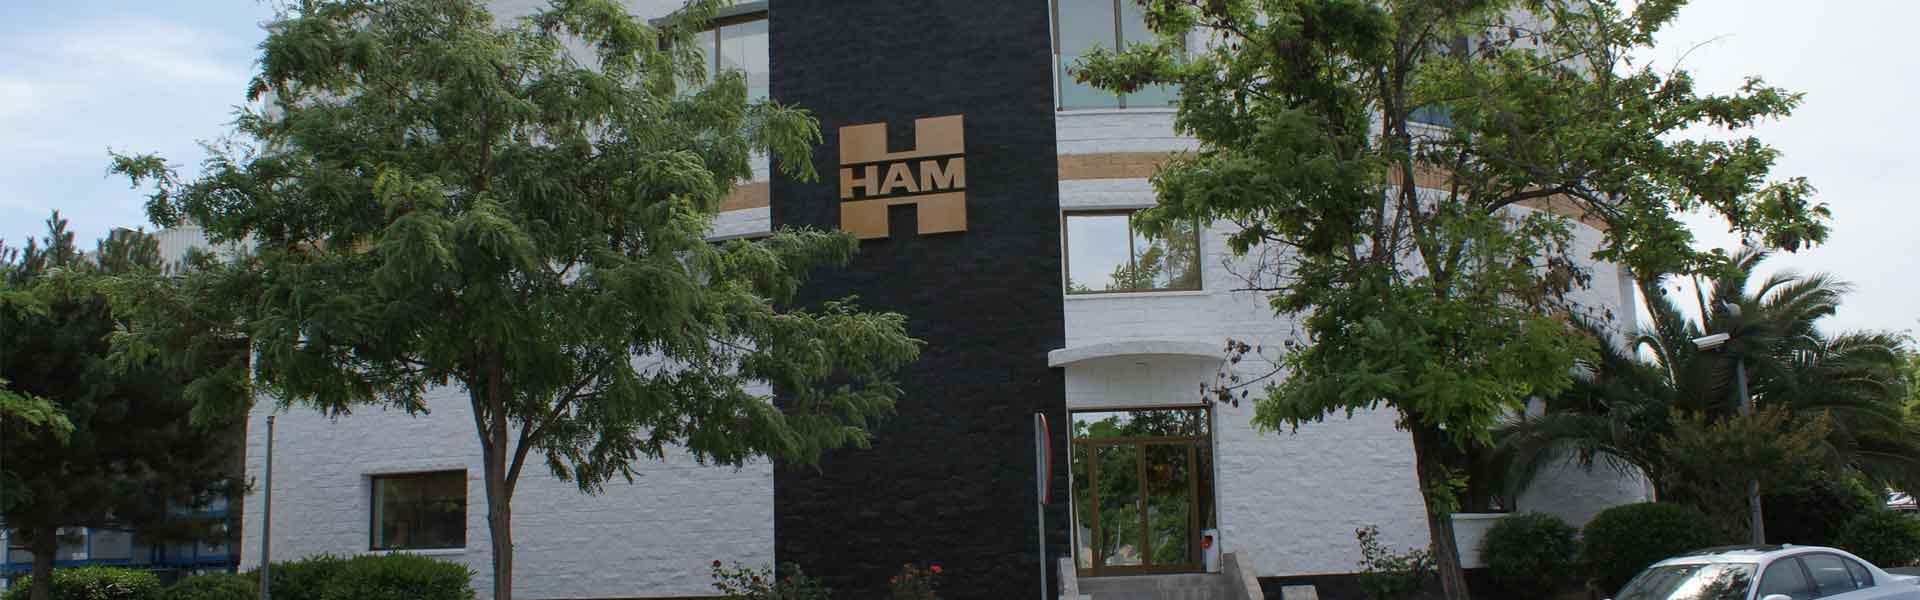 Groupe HAM est situé dans le Polígono Sant Ermengol, parcelle 11. Abrera, Barcelone. GPS: 41.518785, 1.892046